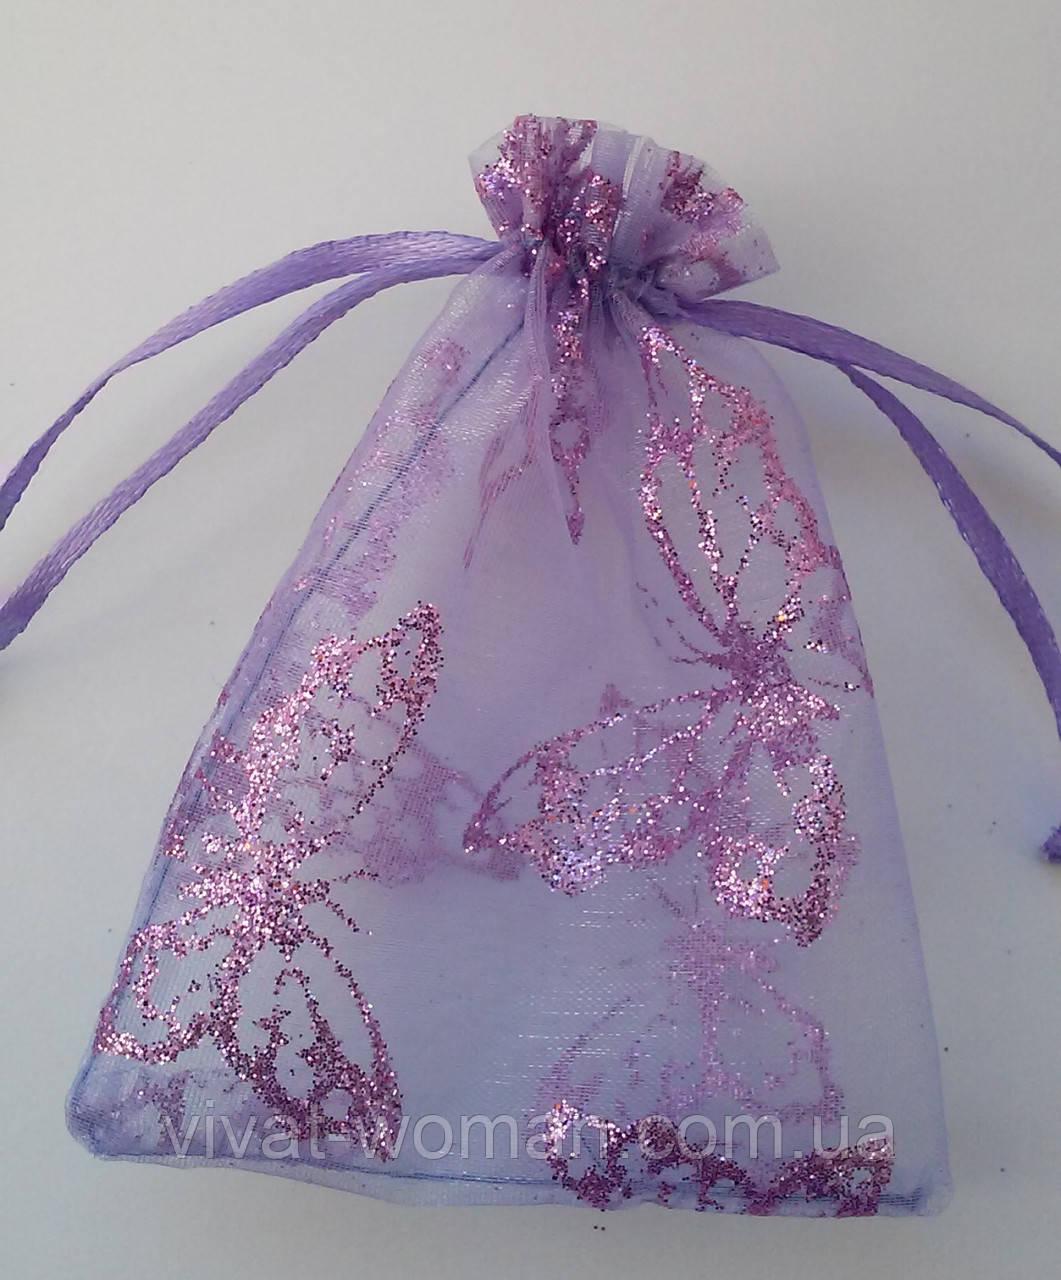 Мешочки сувенирные, органза фиолетовая с бабочками 7х9 см, 1 шт. Производство Украина.